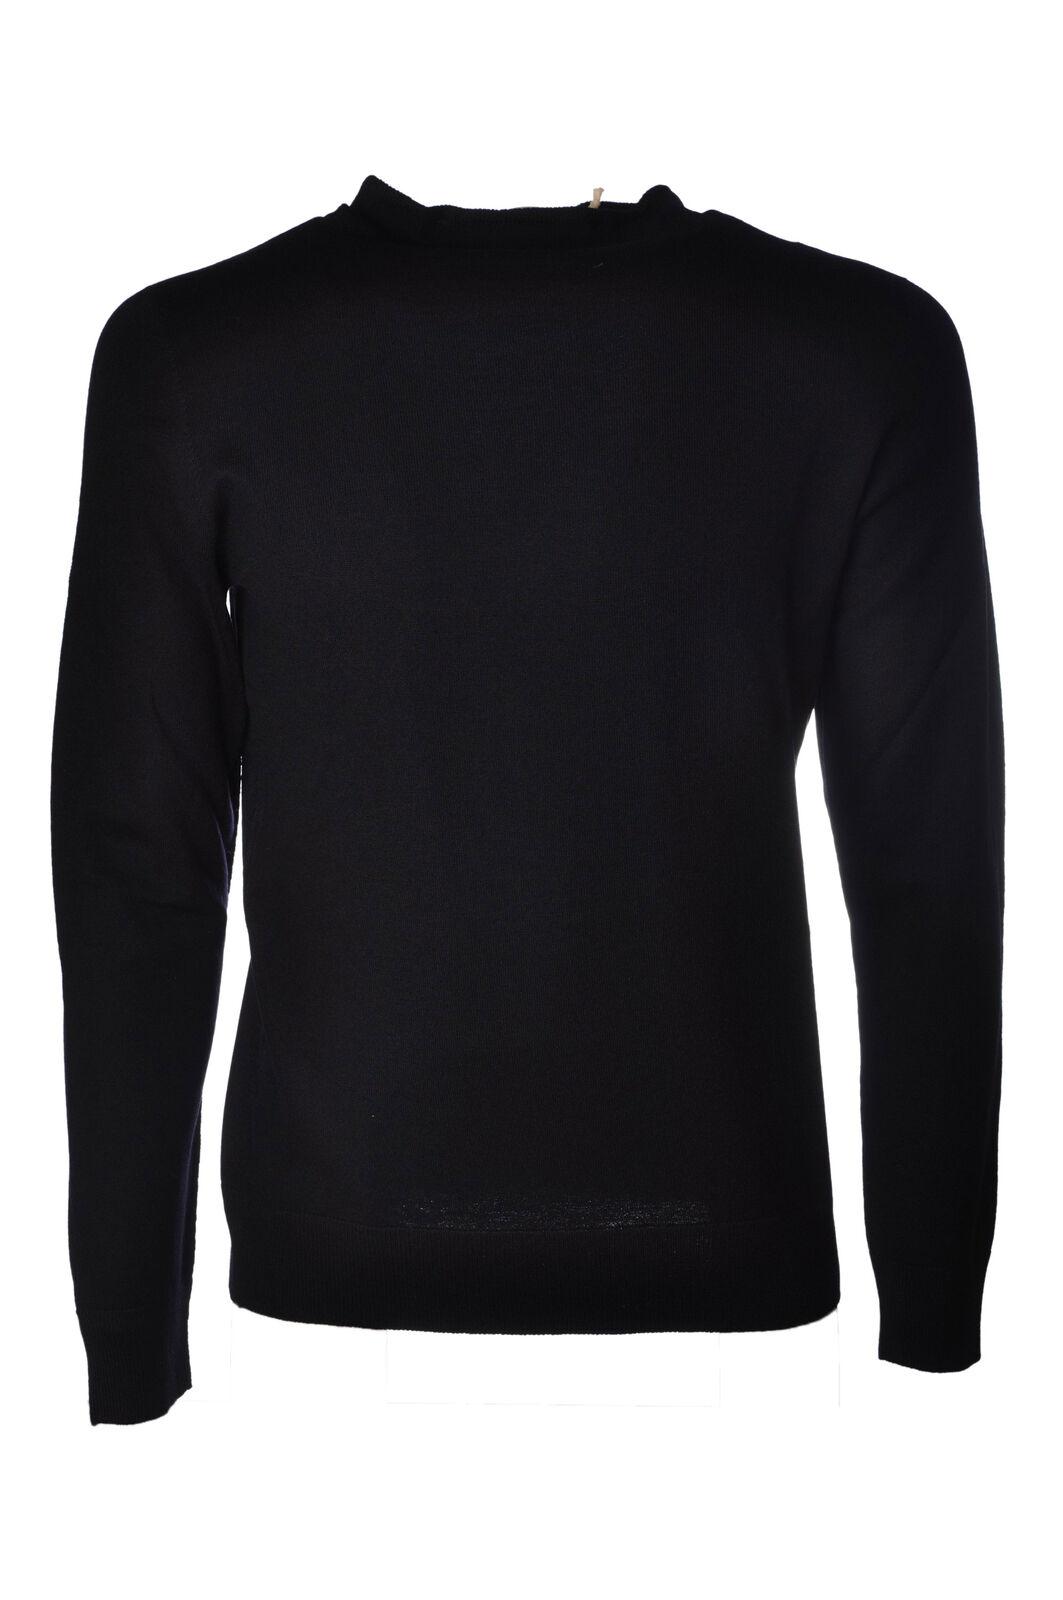 LA FILERIA - Knitwear-Sweaters - Man - Blau - 4023808C191351